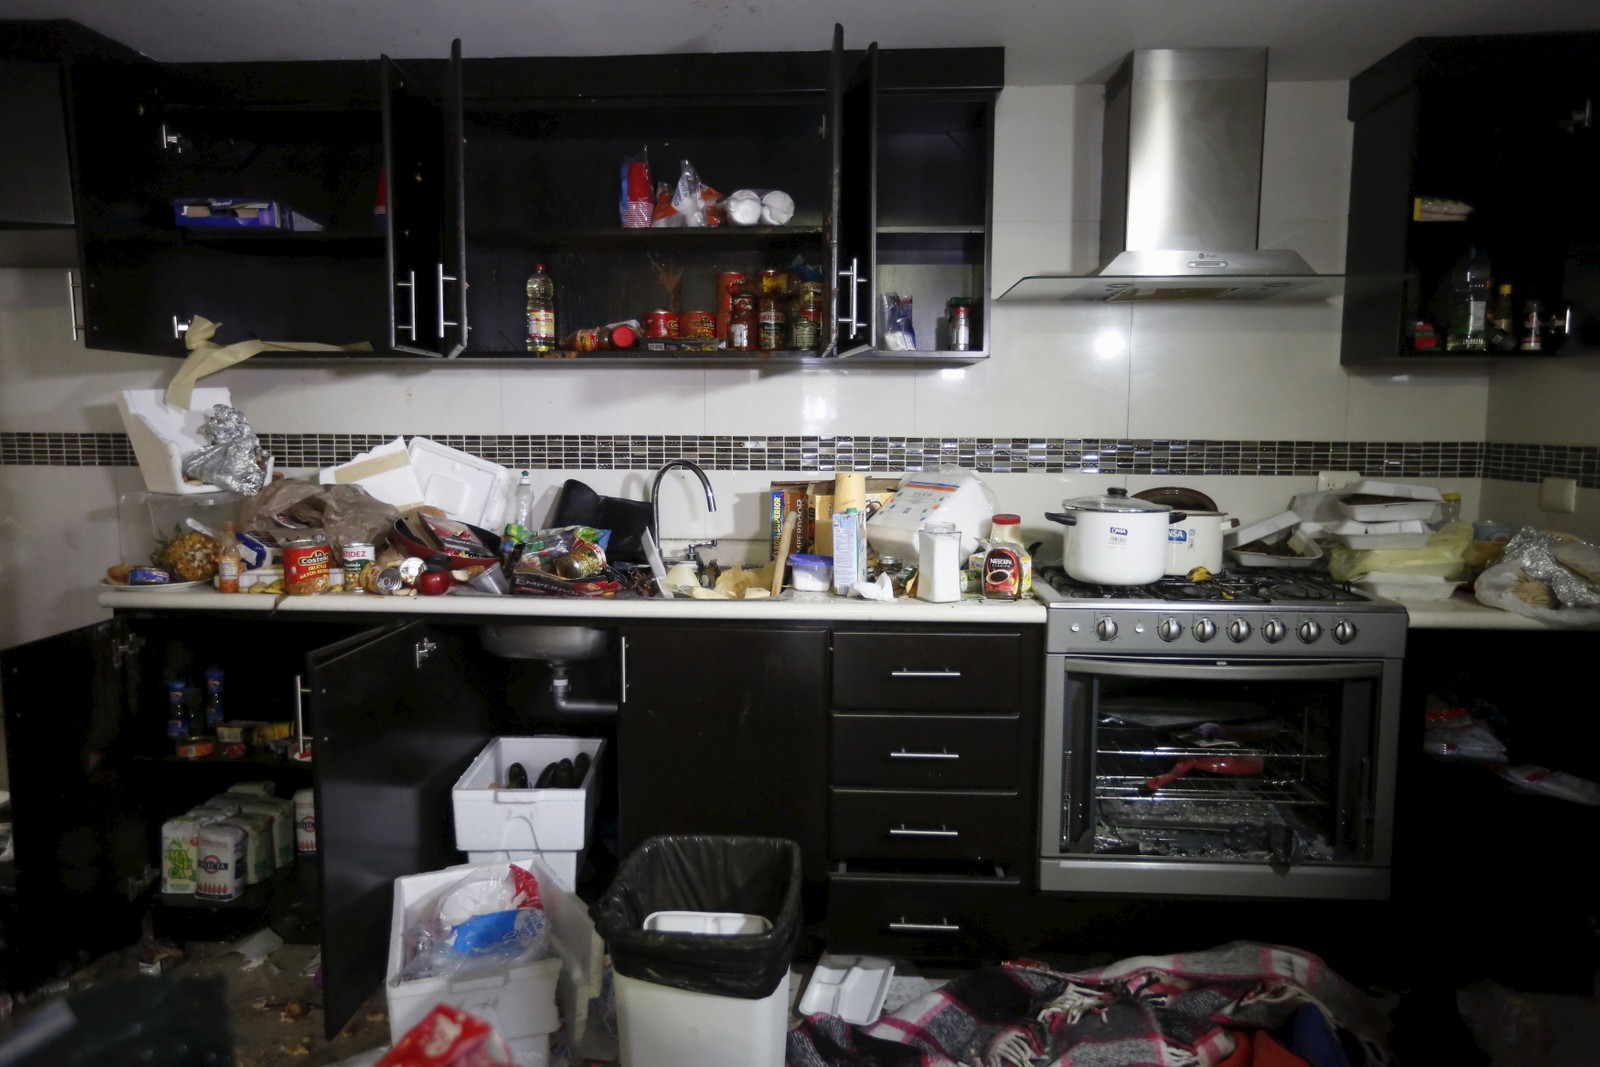 Kjøkkenet i huset der fem personer ble drept.